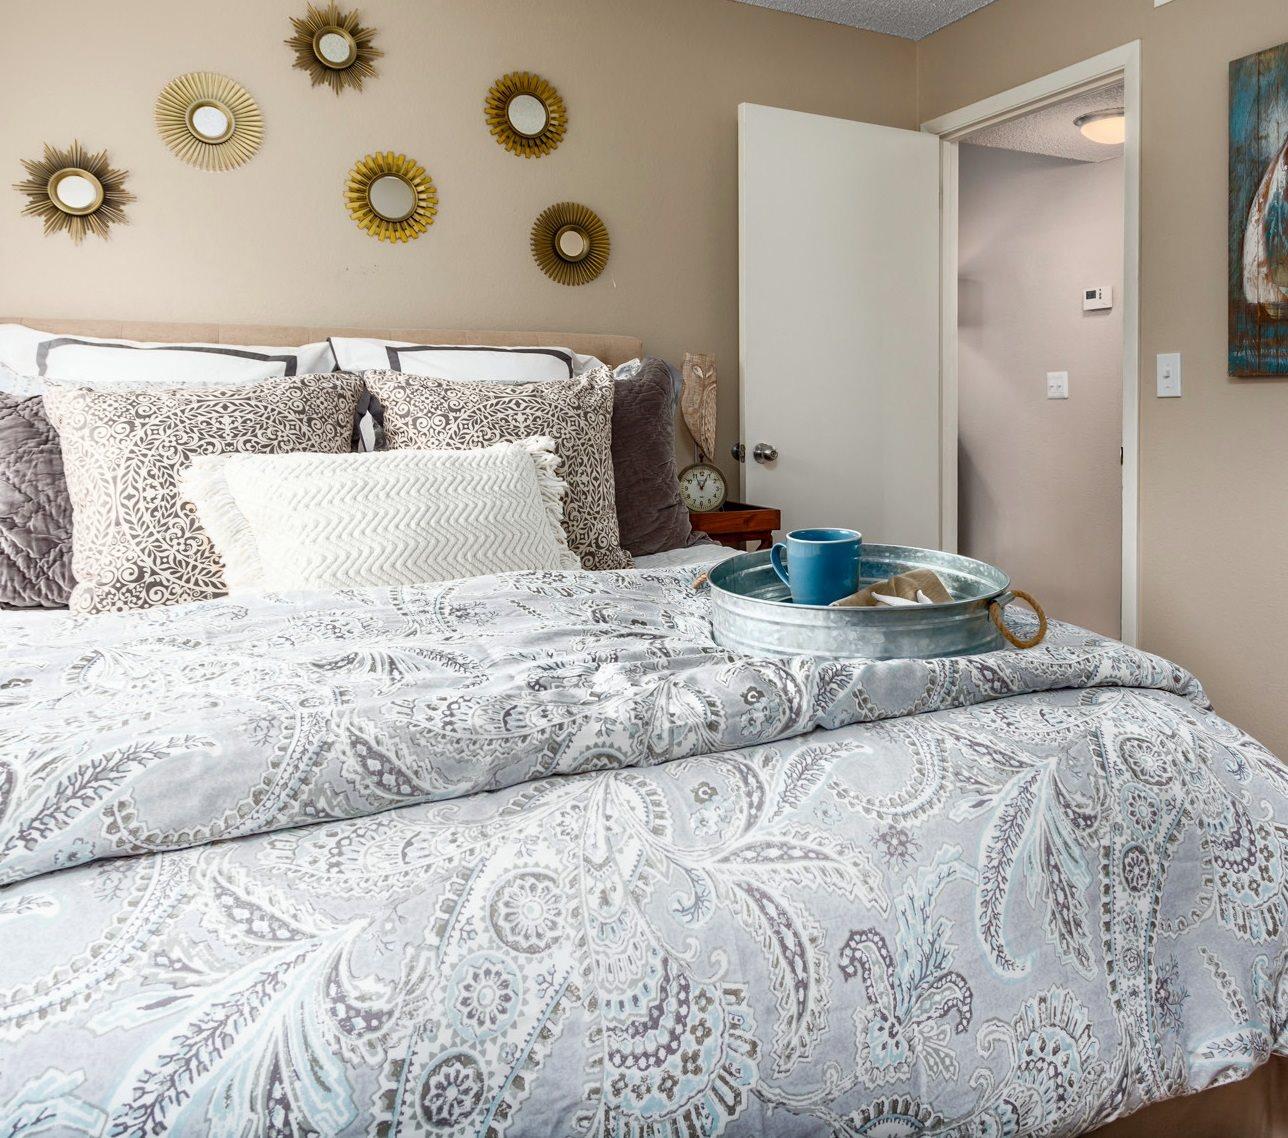 Pompano Beach Apartments: Apartments In Pompano Beach, FL